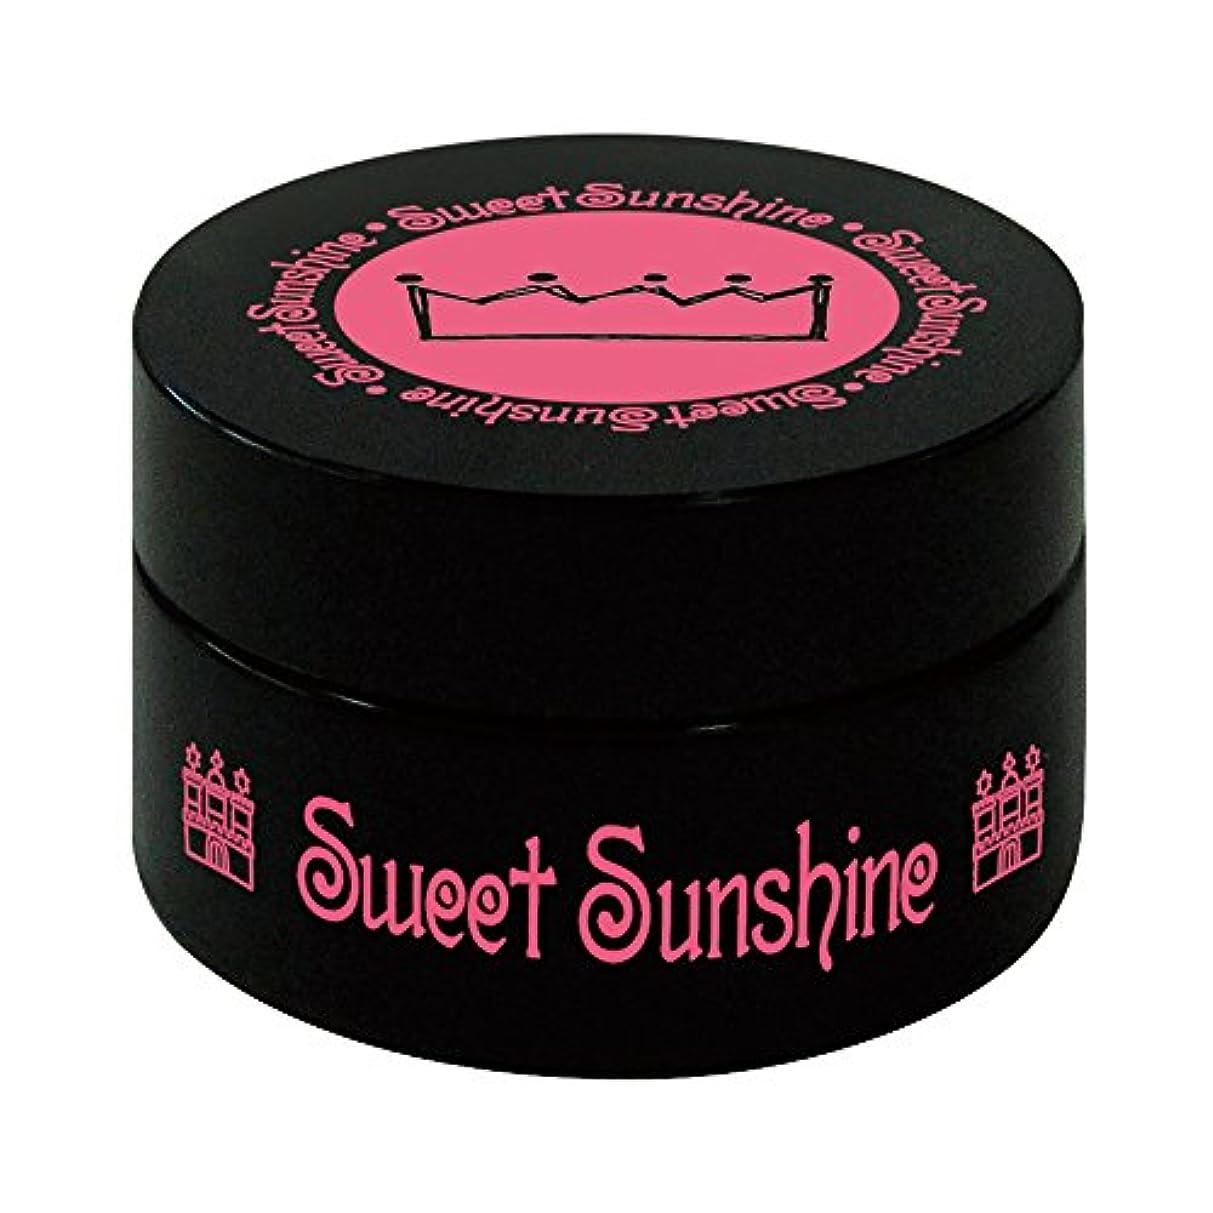 聖域眠いです療法最速硬化LED対応 Sweet Sunshine スィート サンシャイン カラージェル NS-10 4g